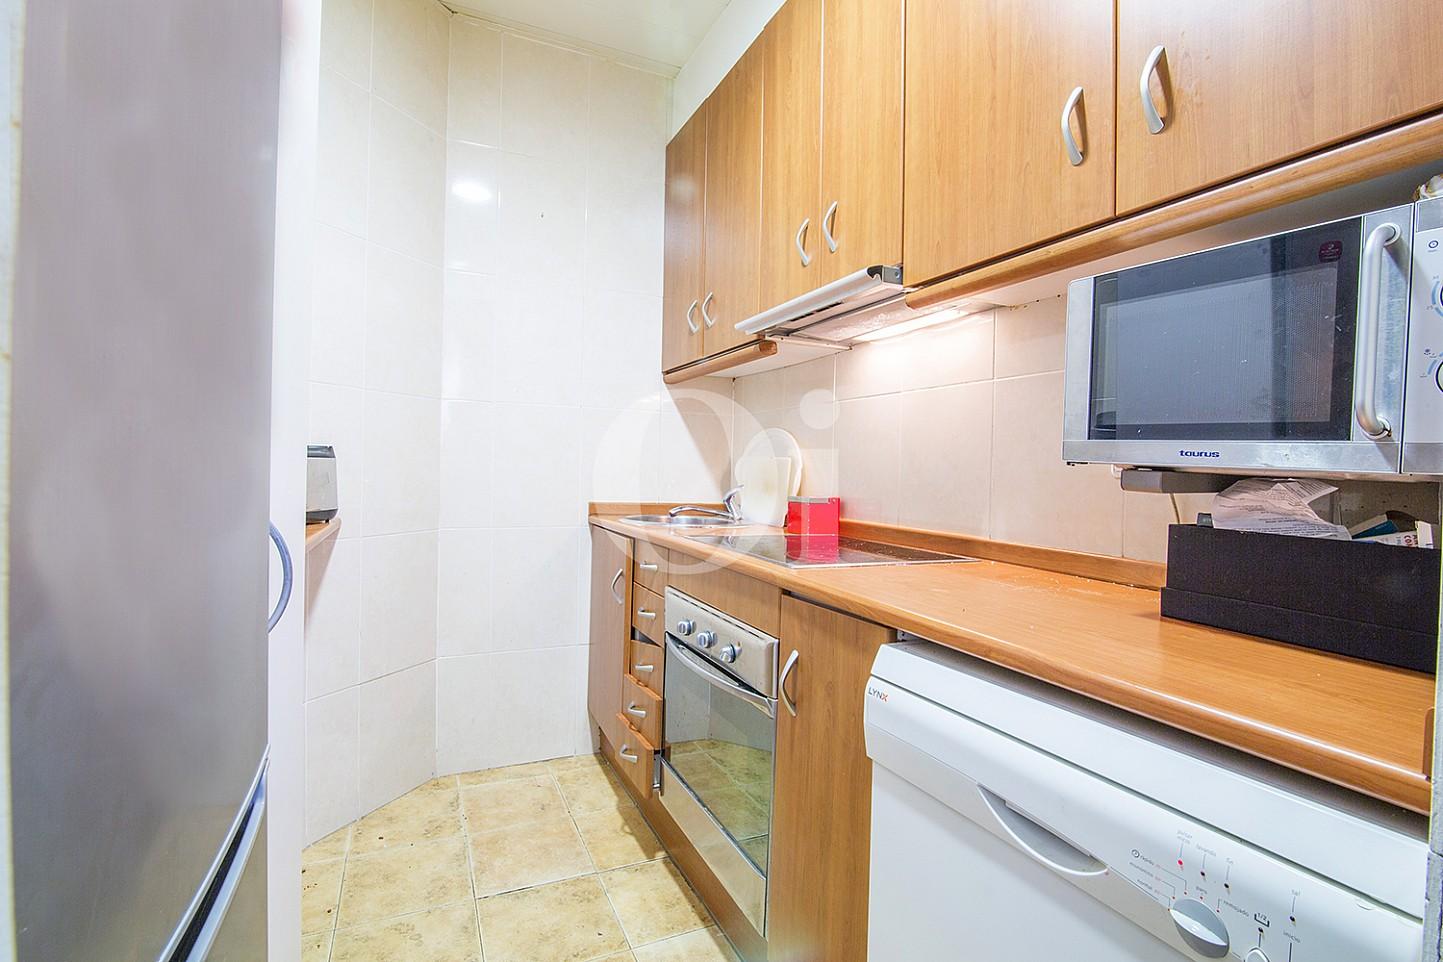 Magnifica cocina equipada y independiente en lujoso piso en venta ubicado en El Gotic, Barcelona